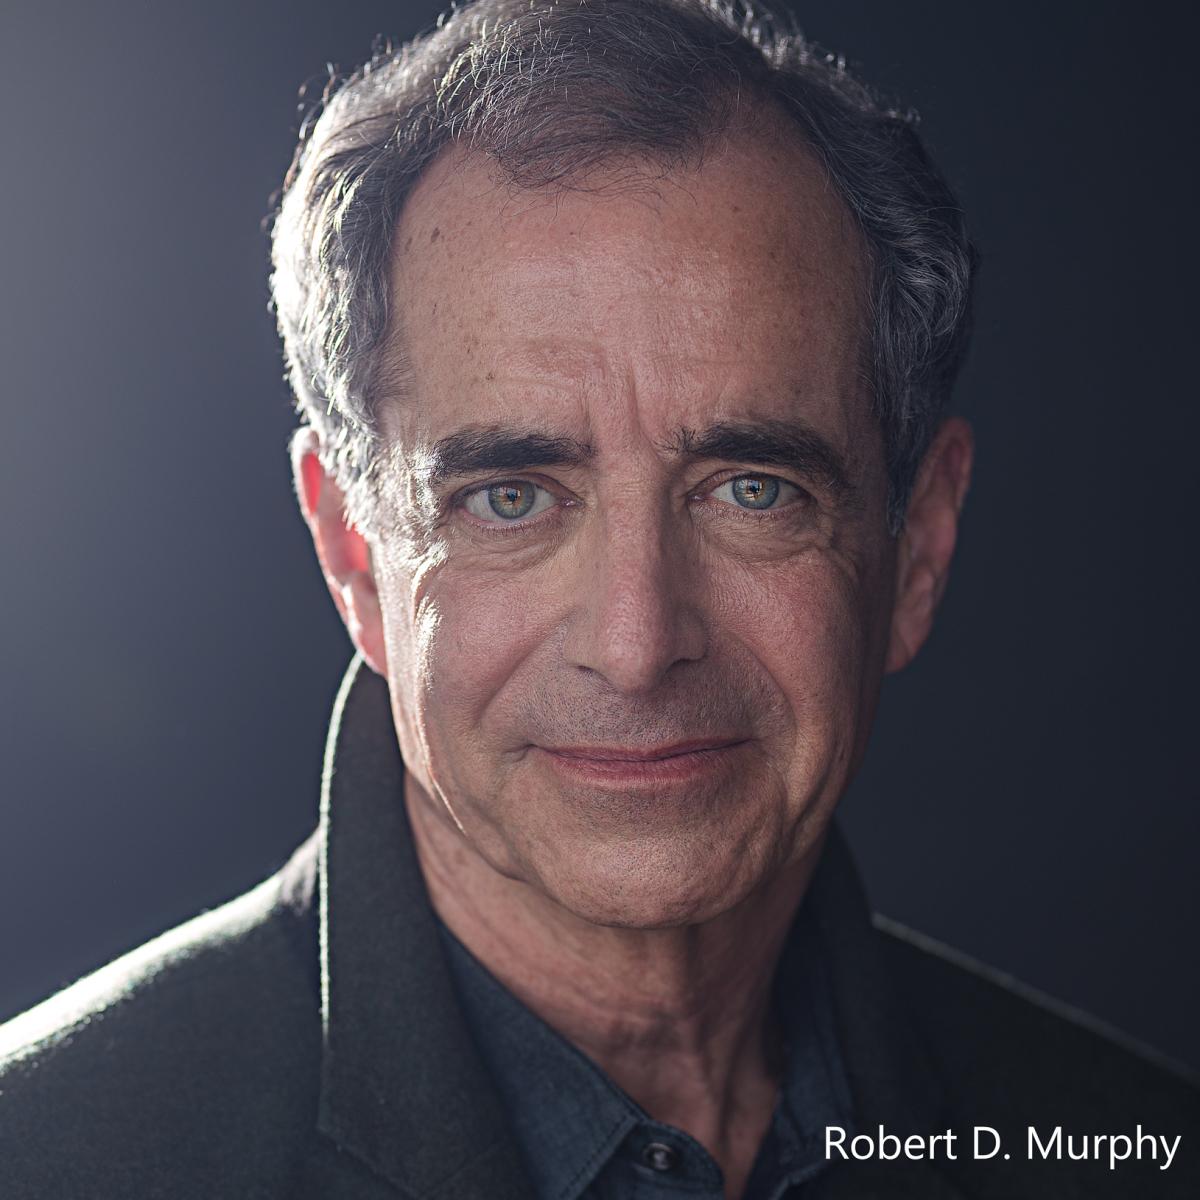 Robert D. Murphy